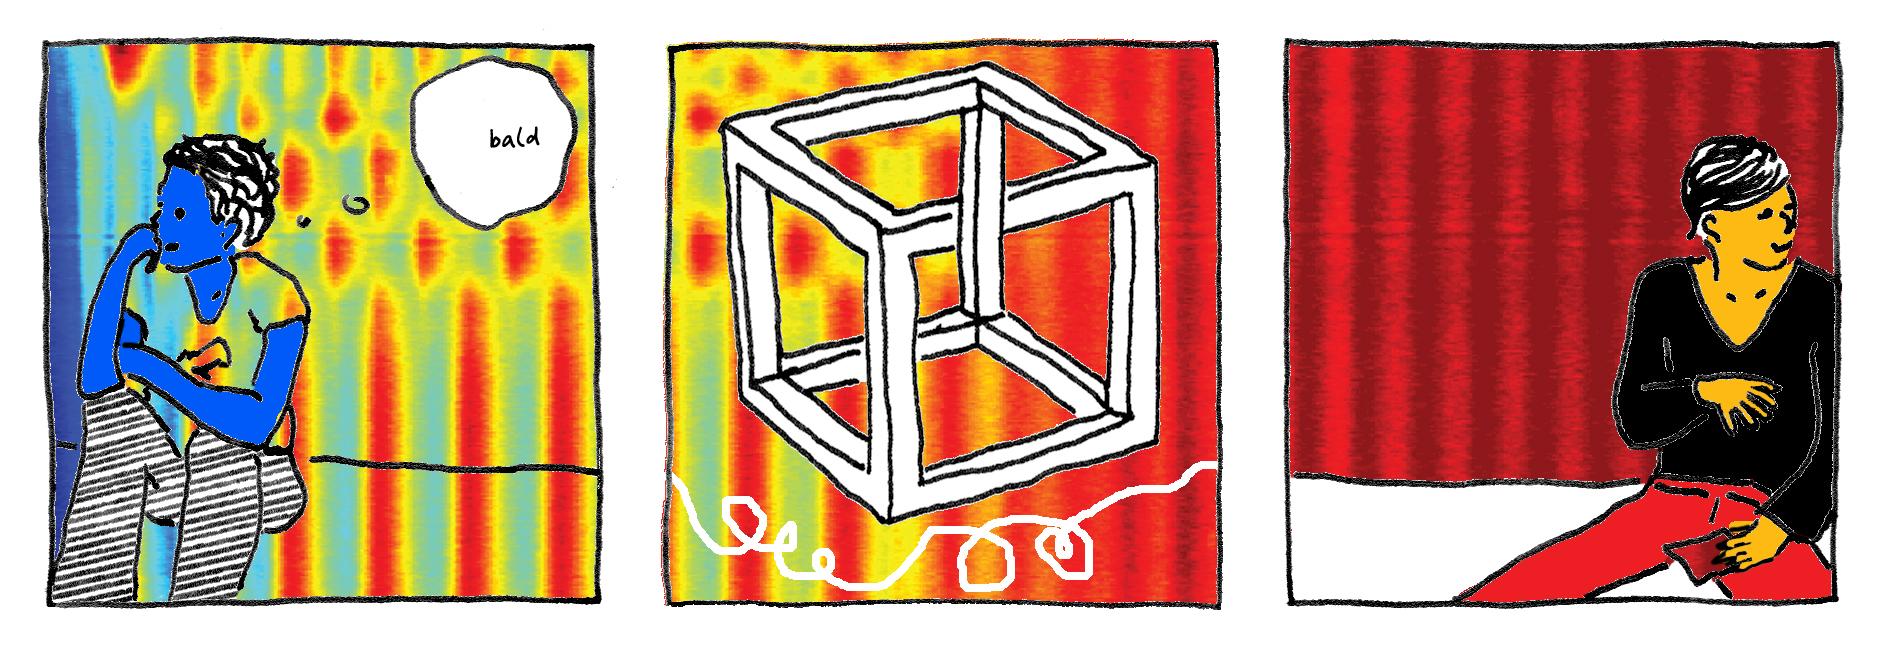 Tintezeichnung von zwei auf dem Boden sitzenden Personen, jeweils in einem Panel. Dazwischen ein Würfel mit optischer Illusion und dahinter regebogenfarbige Wellen und Tupfen.